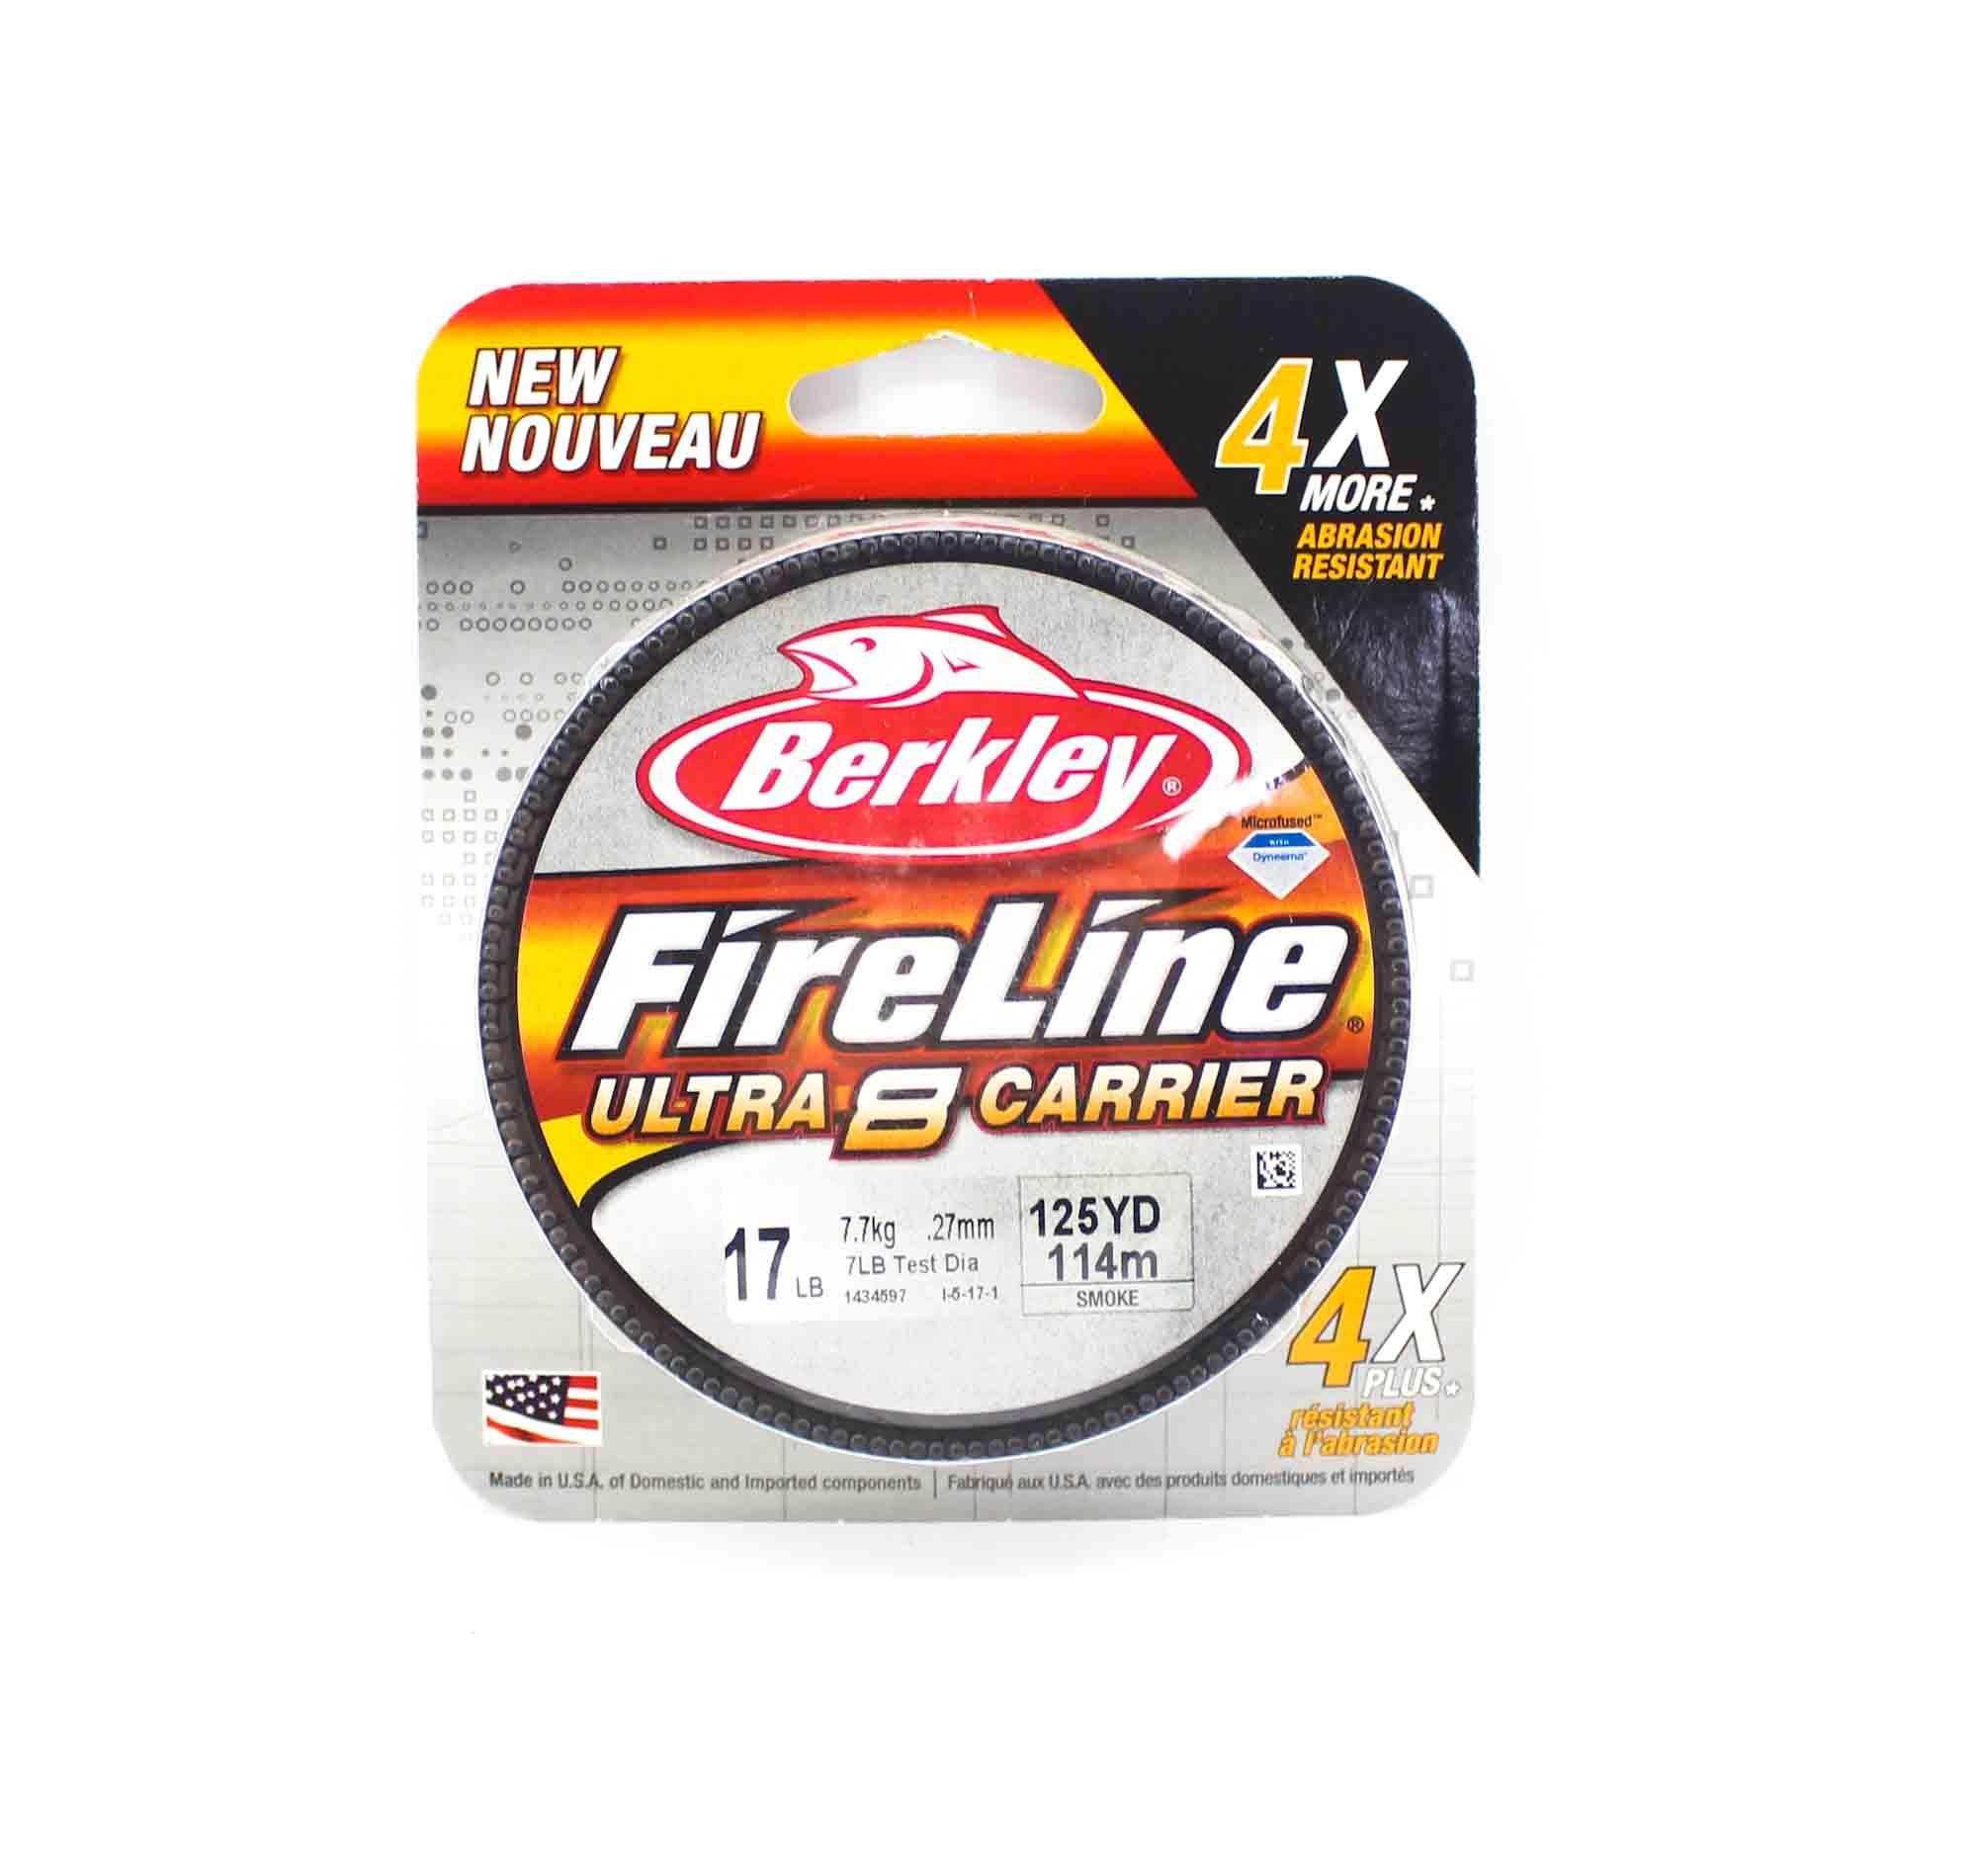 Berkley Fireline Ultra 8 Carrier 125yds 17lb Smoke (4731)